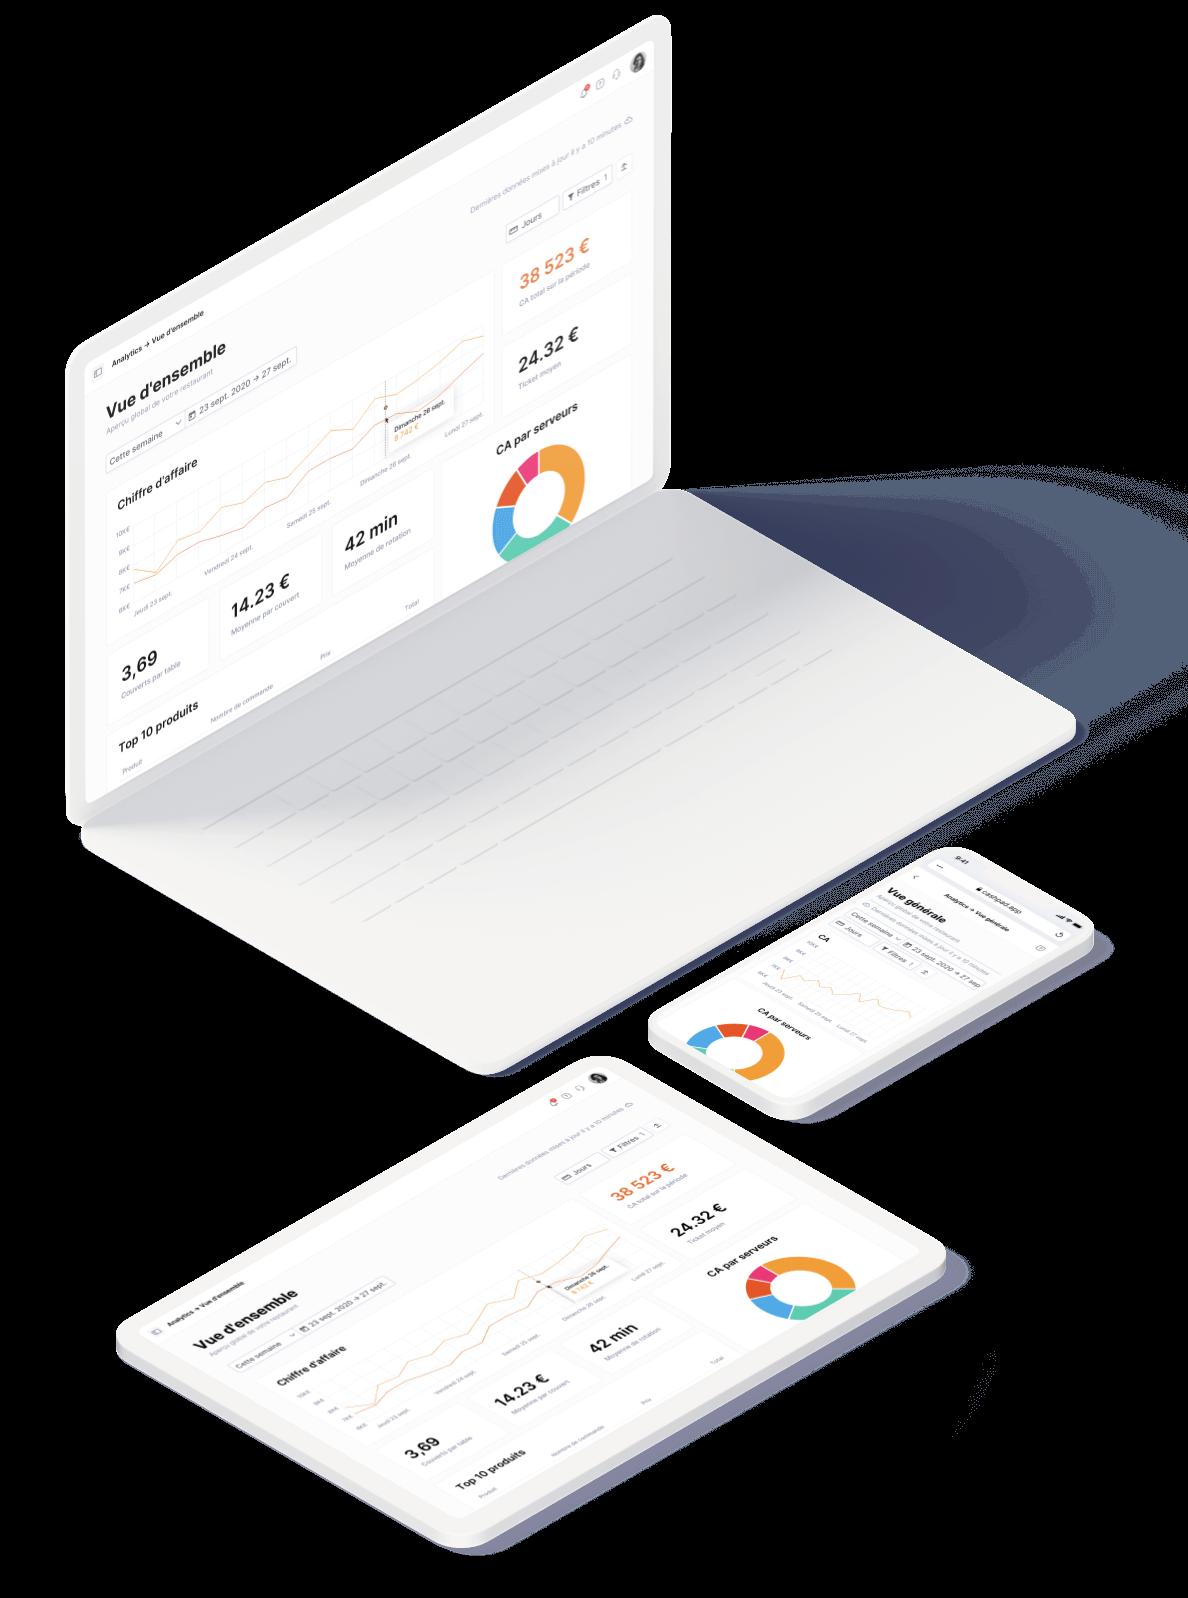 Nouveau Design et Nouvelle Architecture - Cashpad Back Office V2 pour Caisse Enregistreuse iPad - Plateforme POS tout-en-un